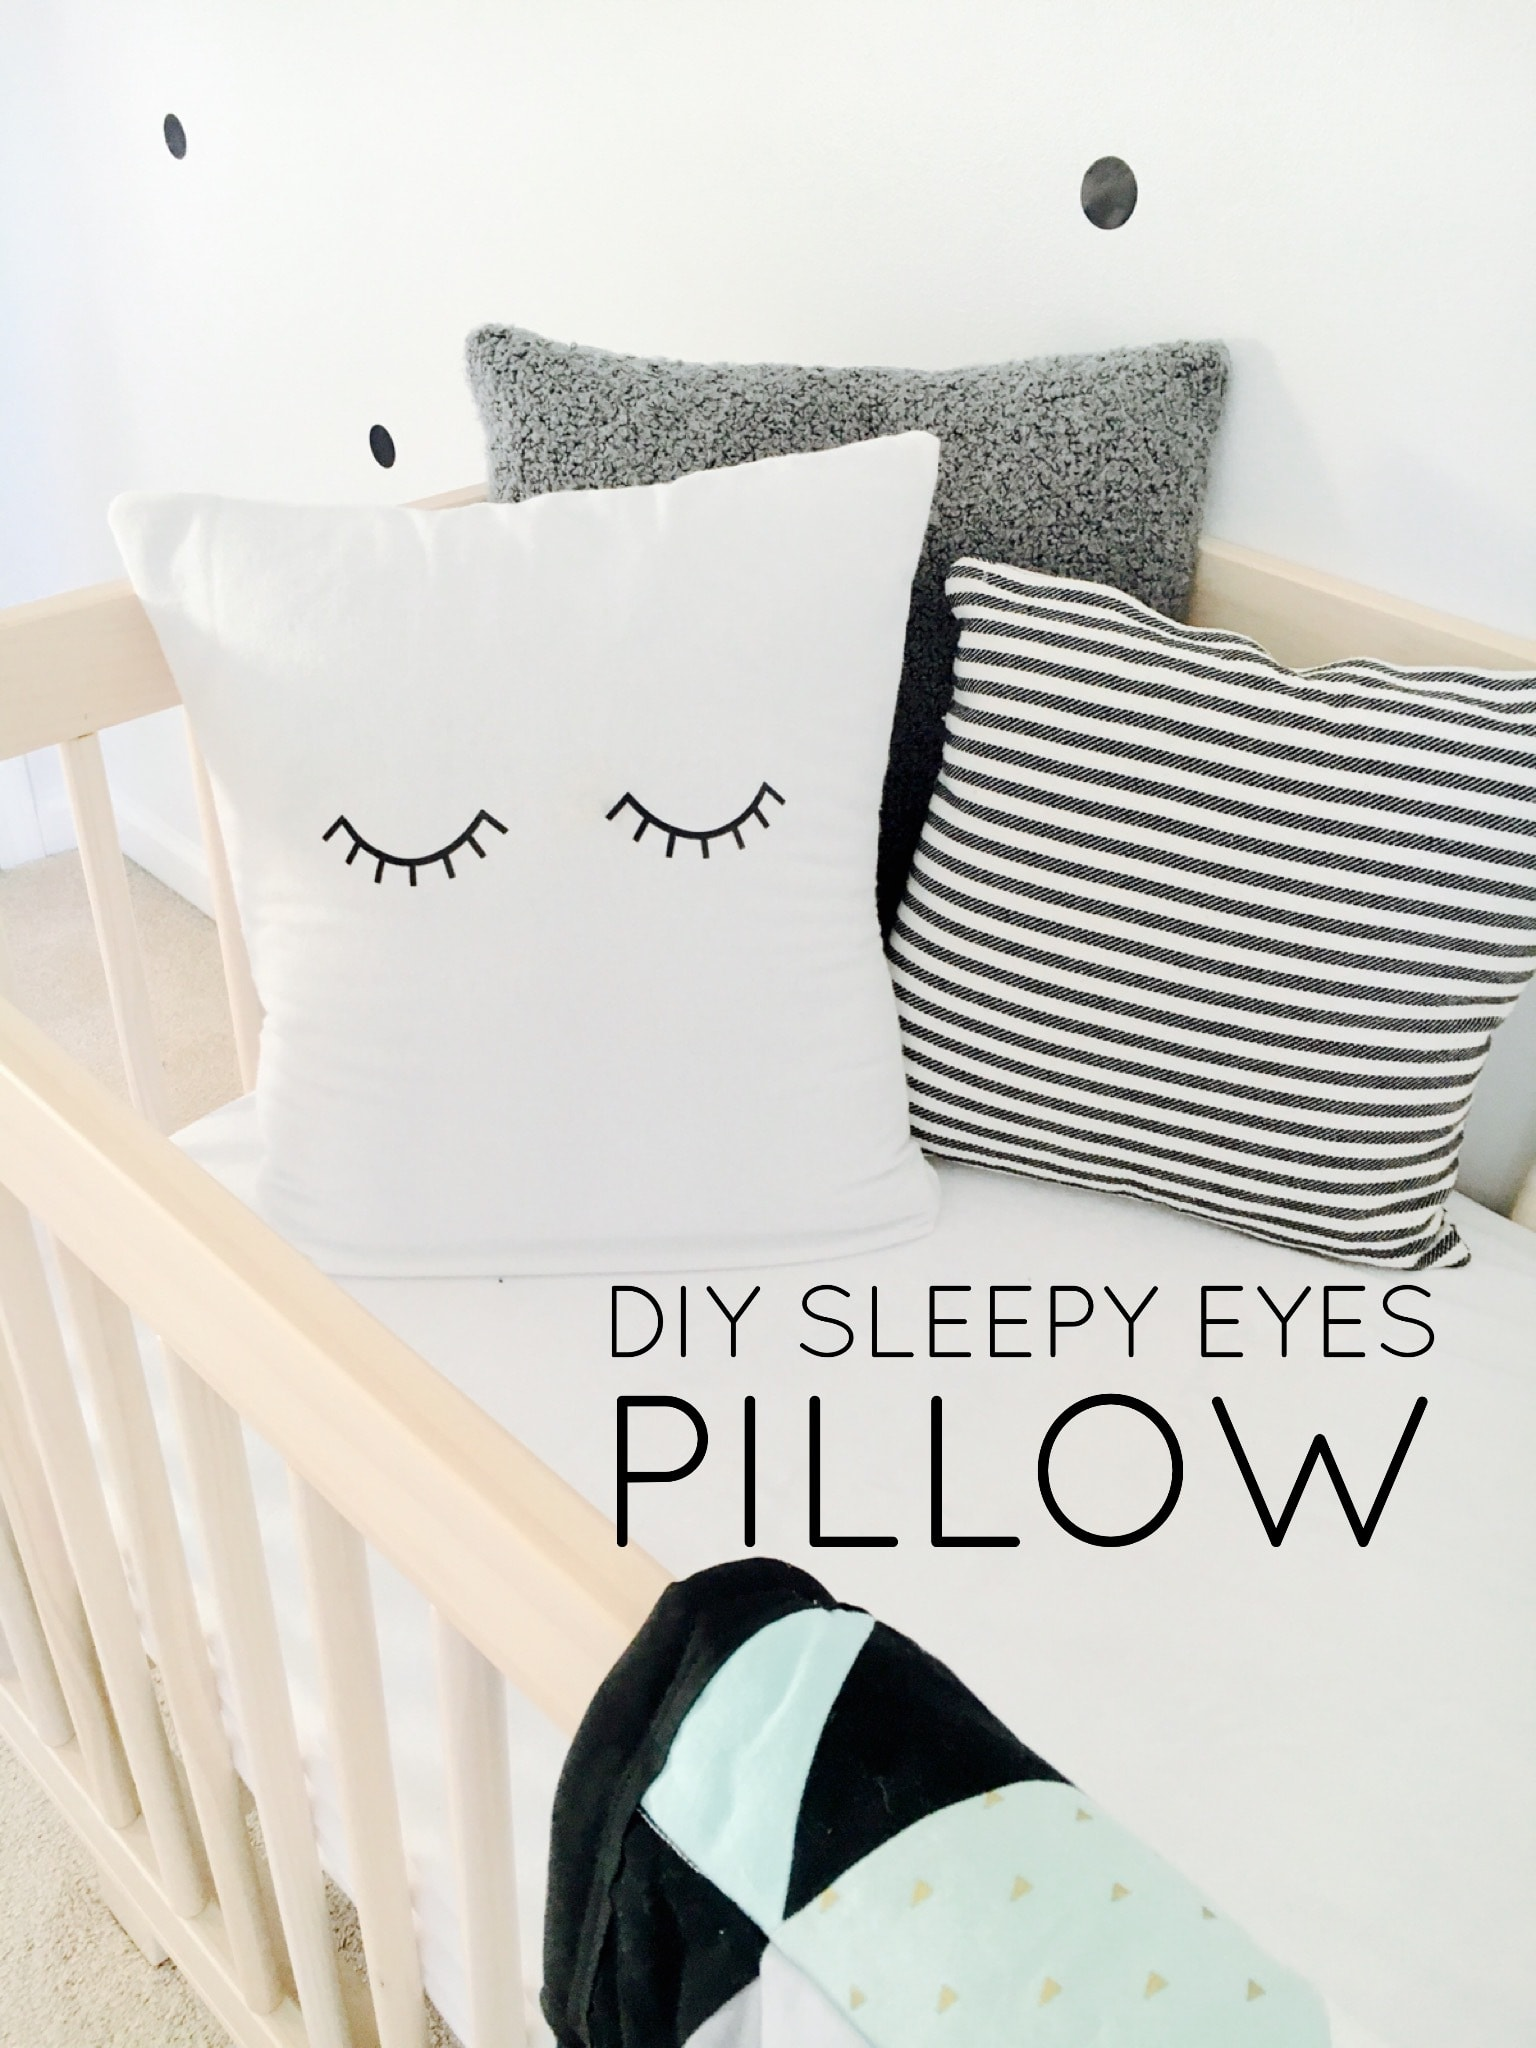 DIY Sleepy Eyes Pillow